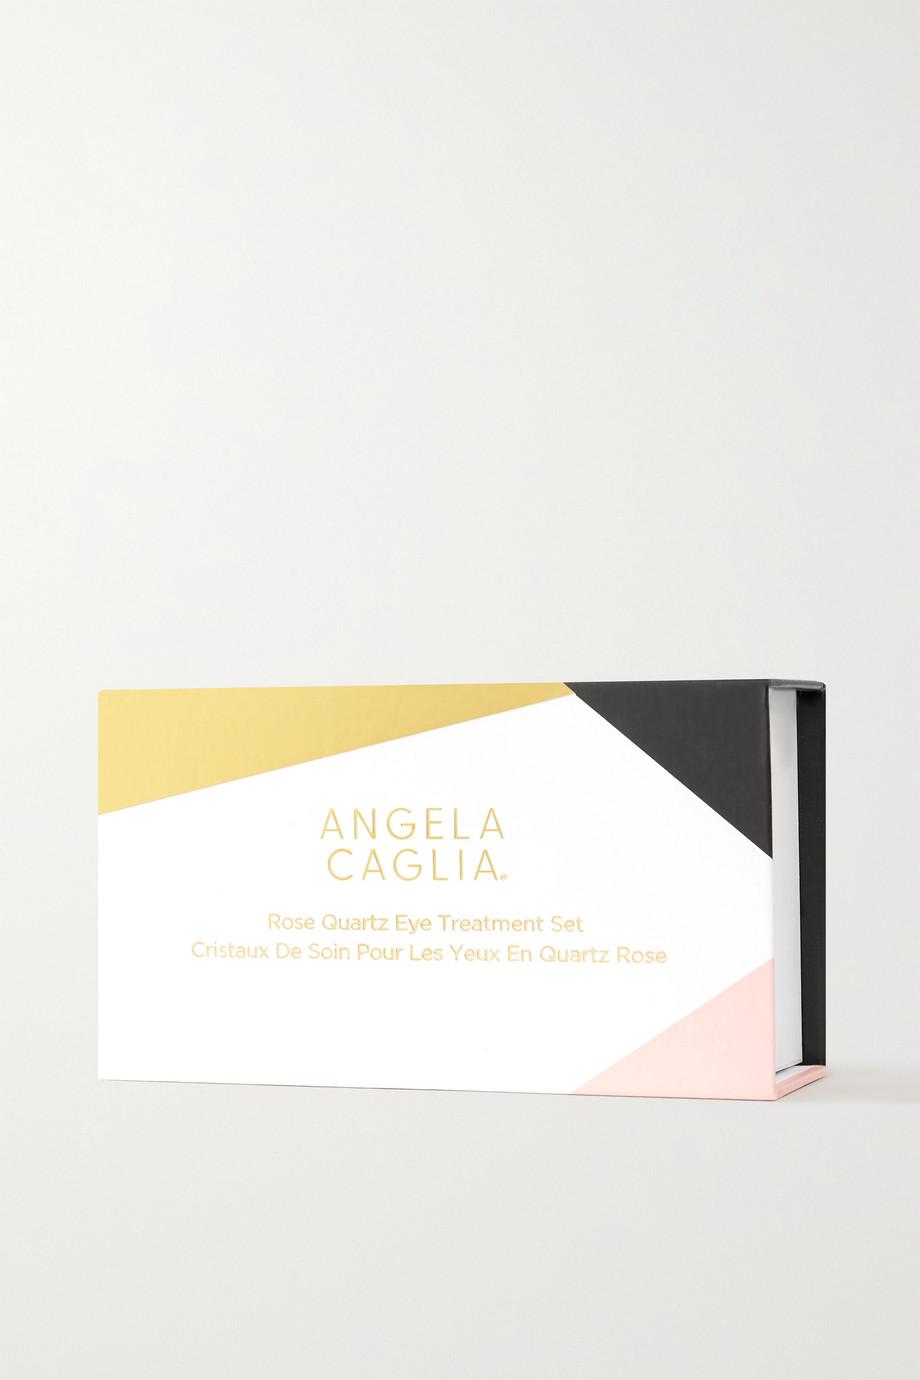 Angela Caglia 玫瑰花蕾眼部按摩石英(两件装)